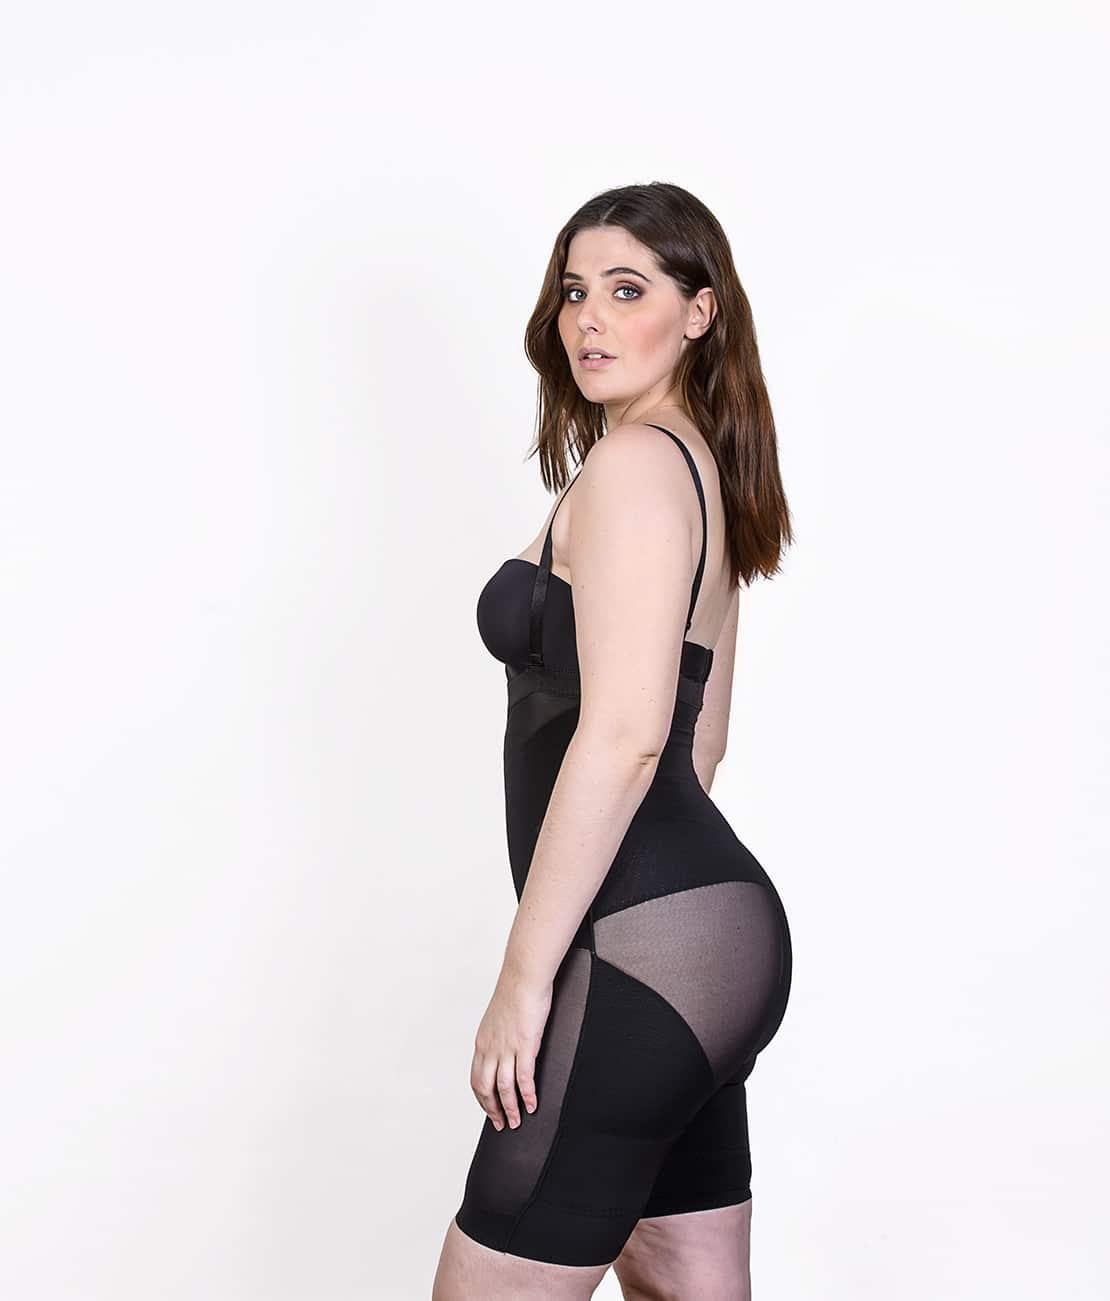 Le Panty Noir Transparent Profil